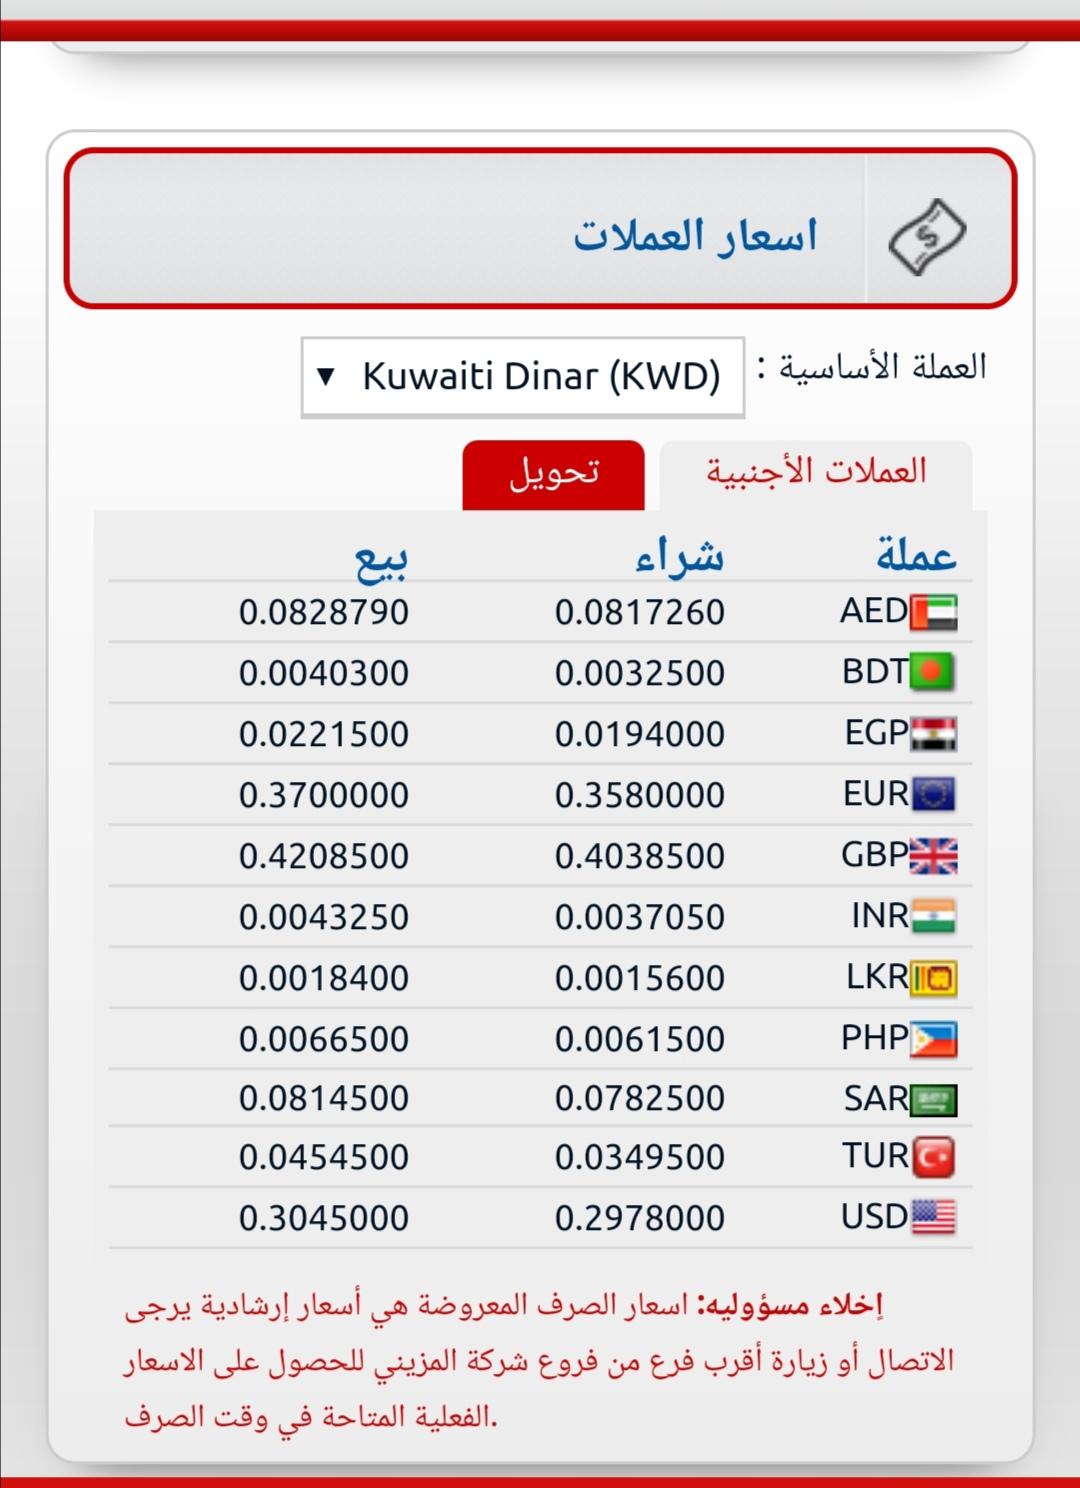 سعر تحويل وصرف الجنية المصرى الدولار الامريكي مقابل الدينار الكويتي الاحد ٧ فبراير ٢٠٢١